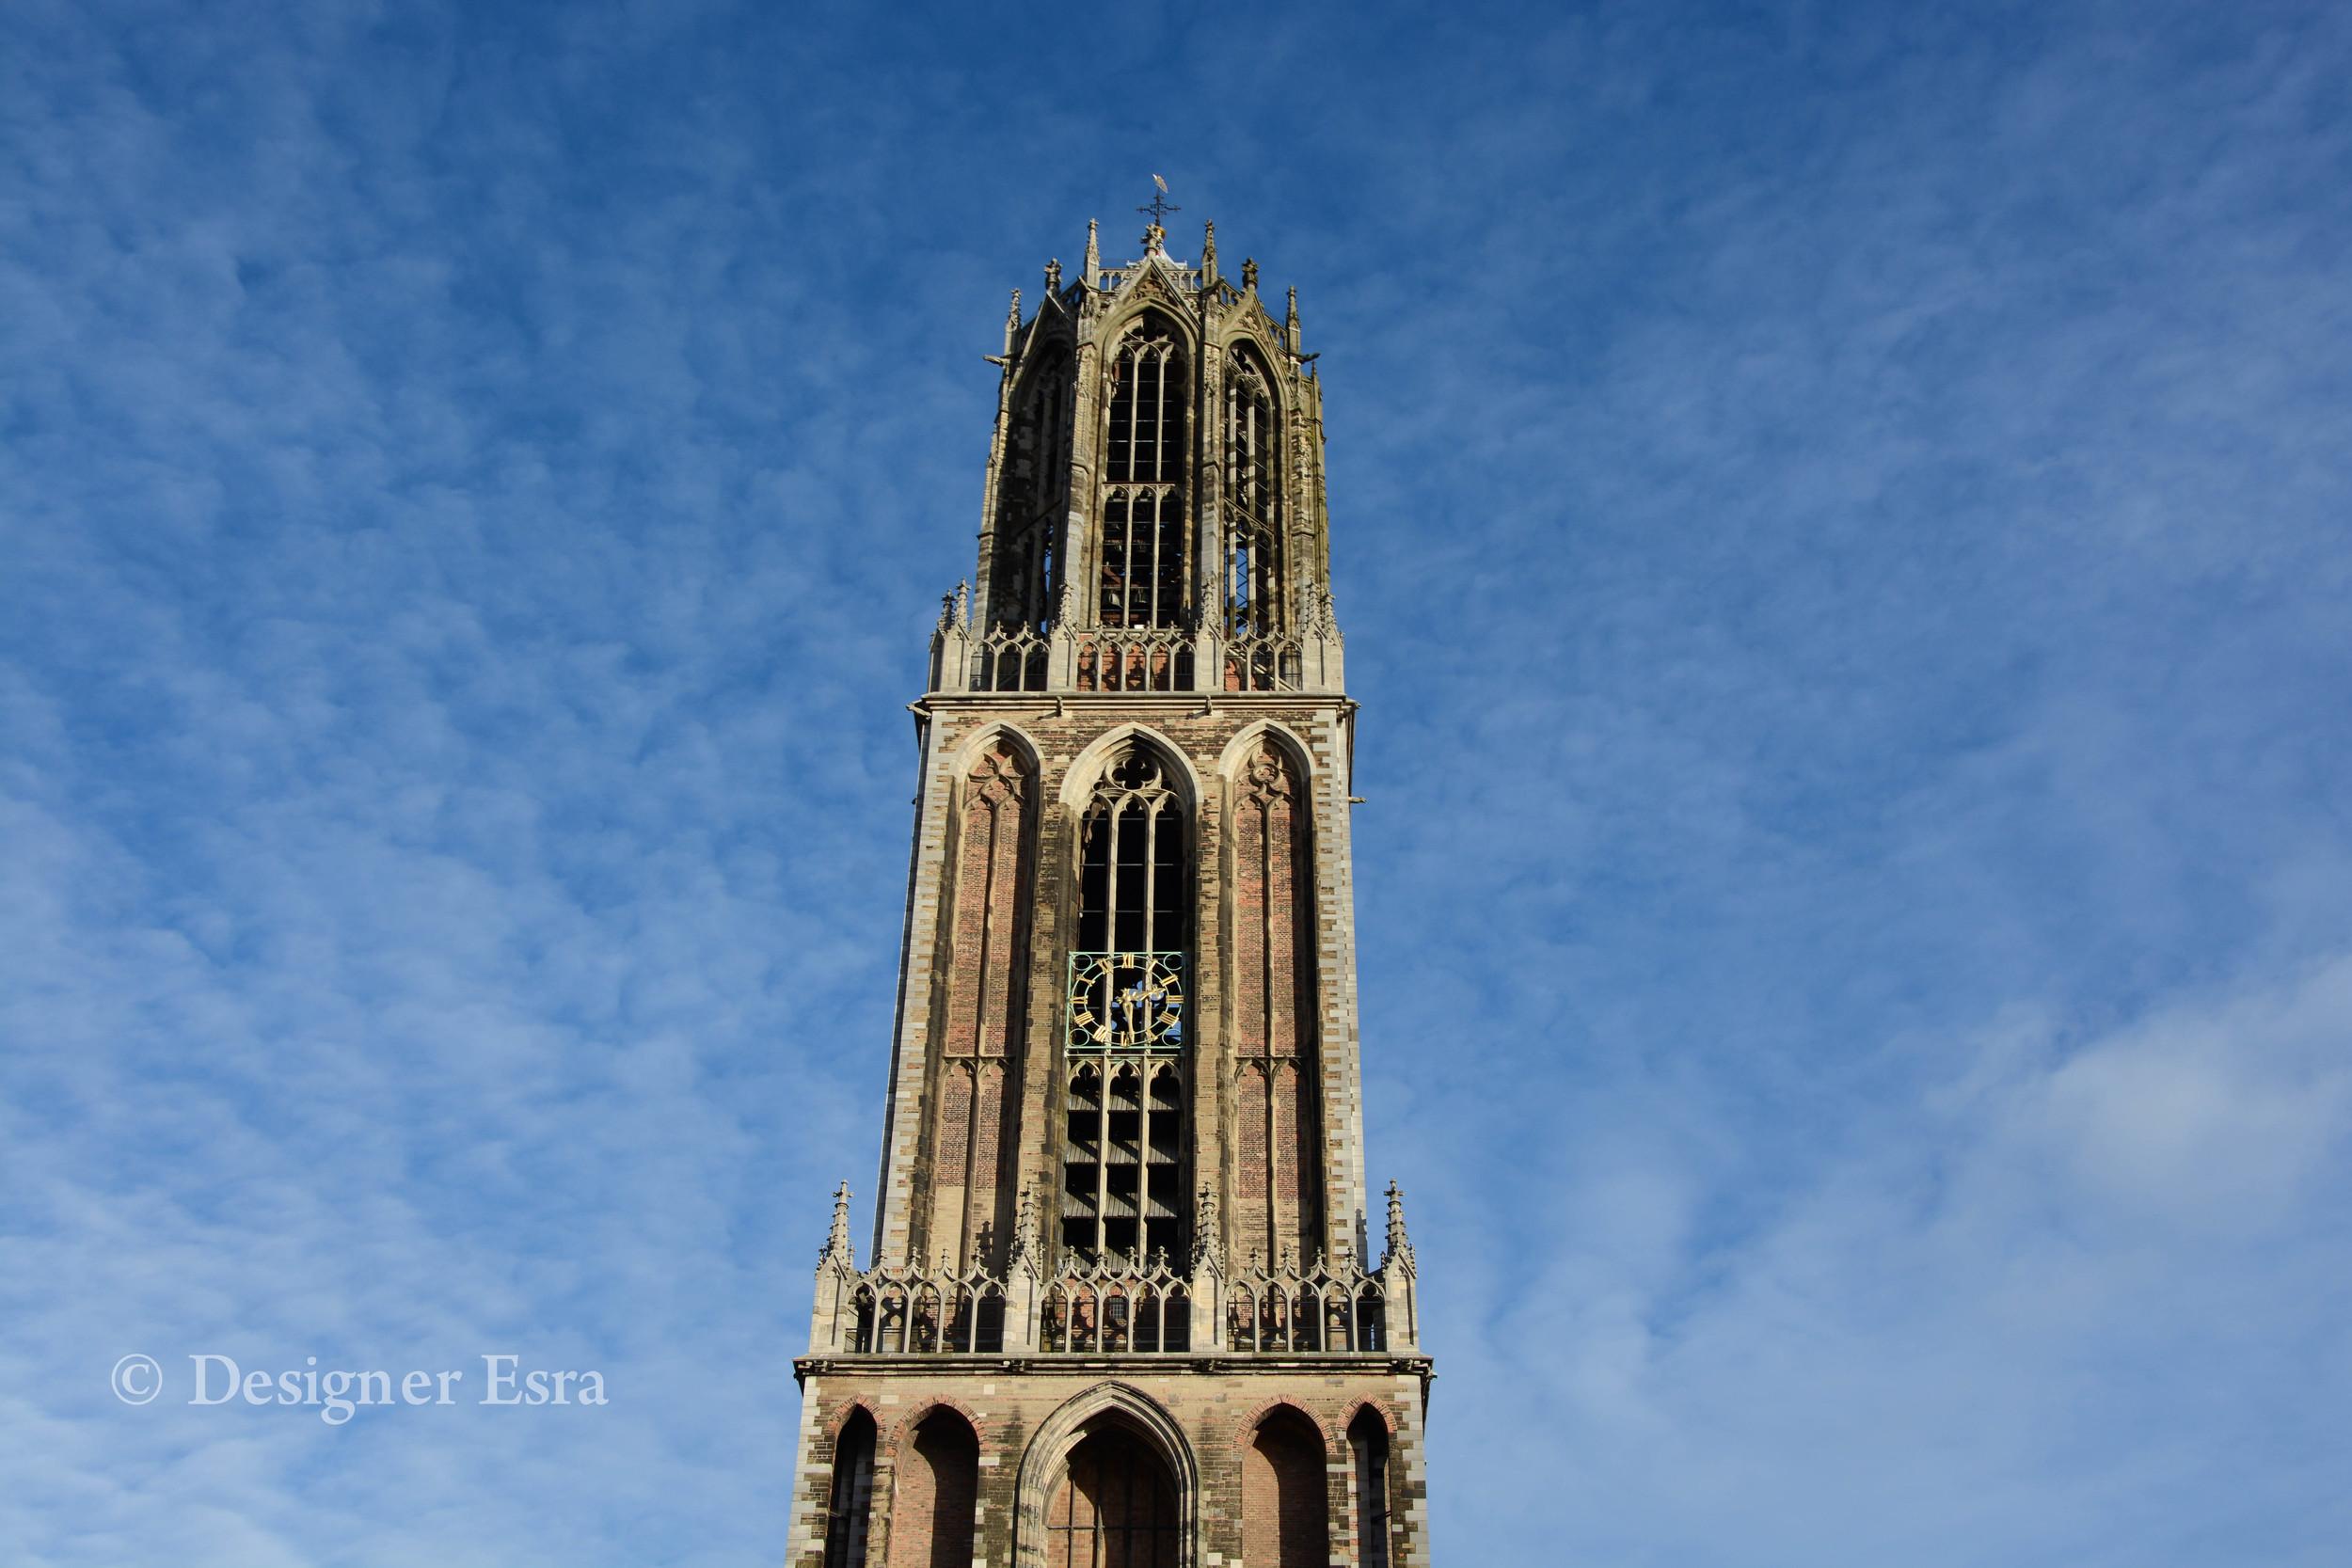 Utrecht Tower